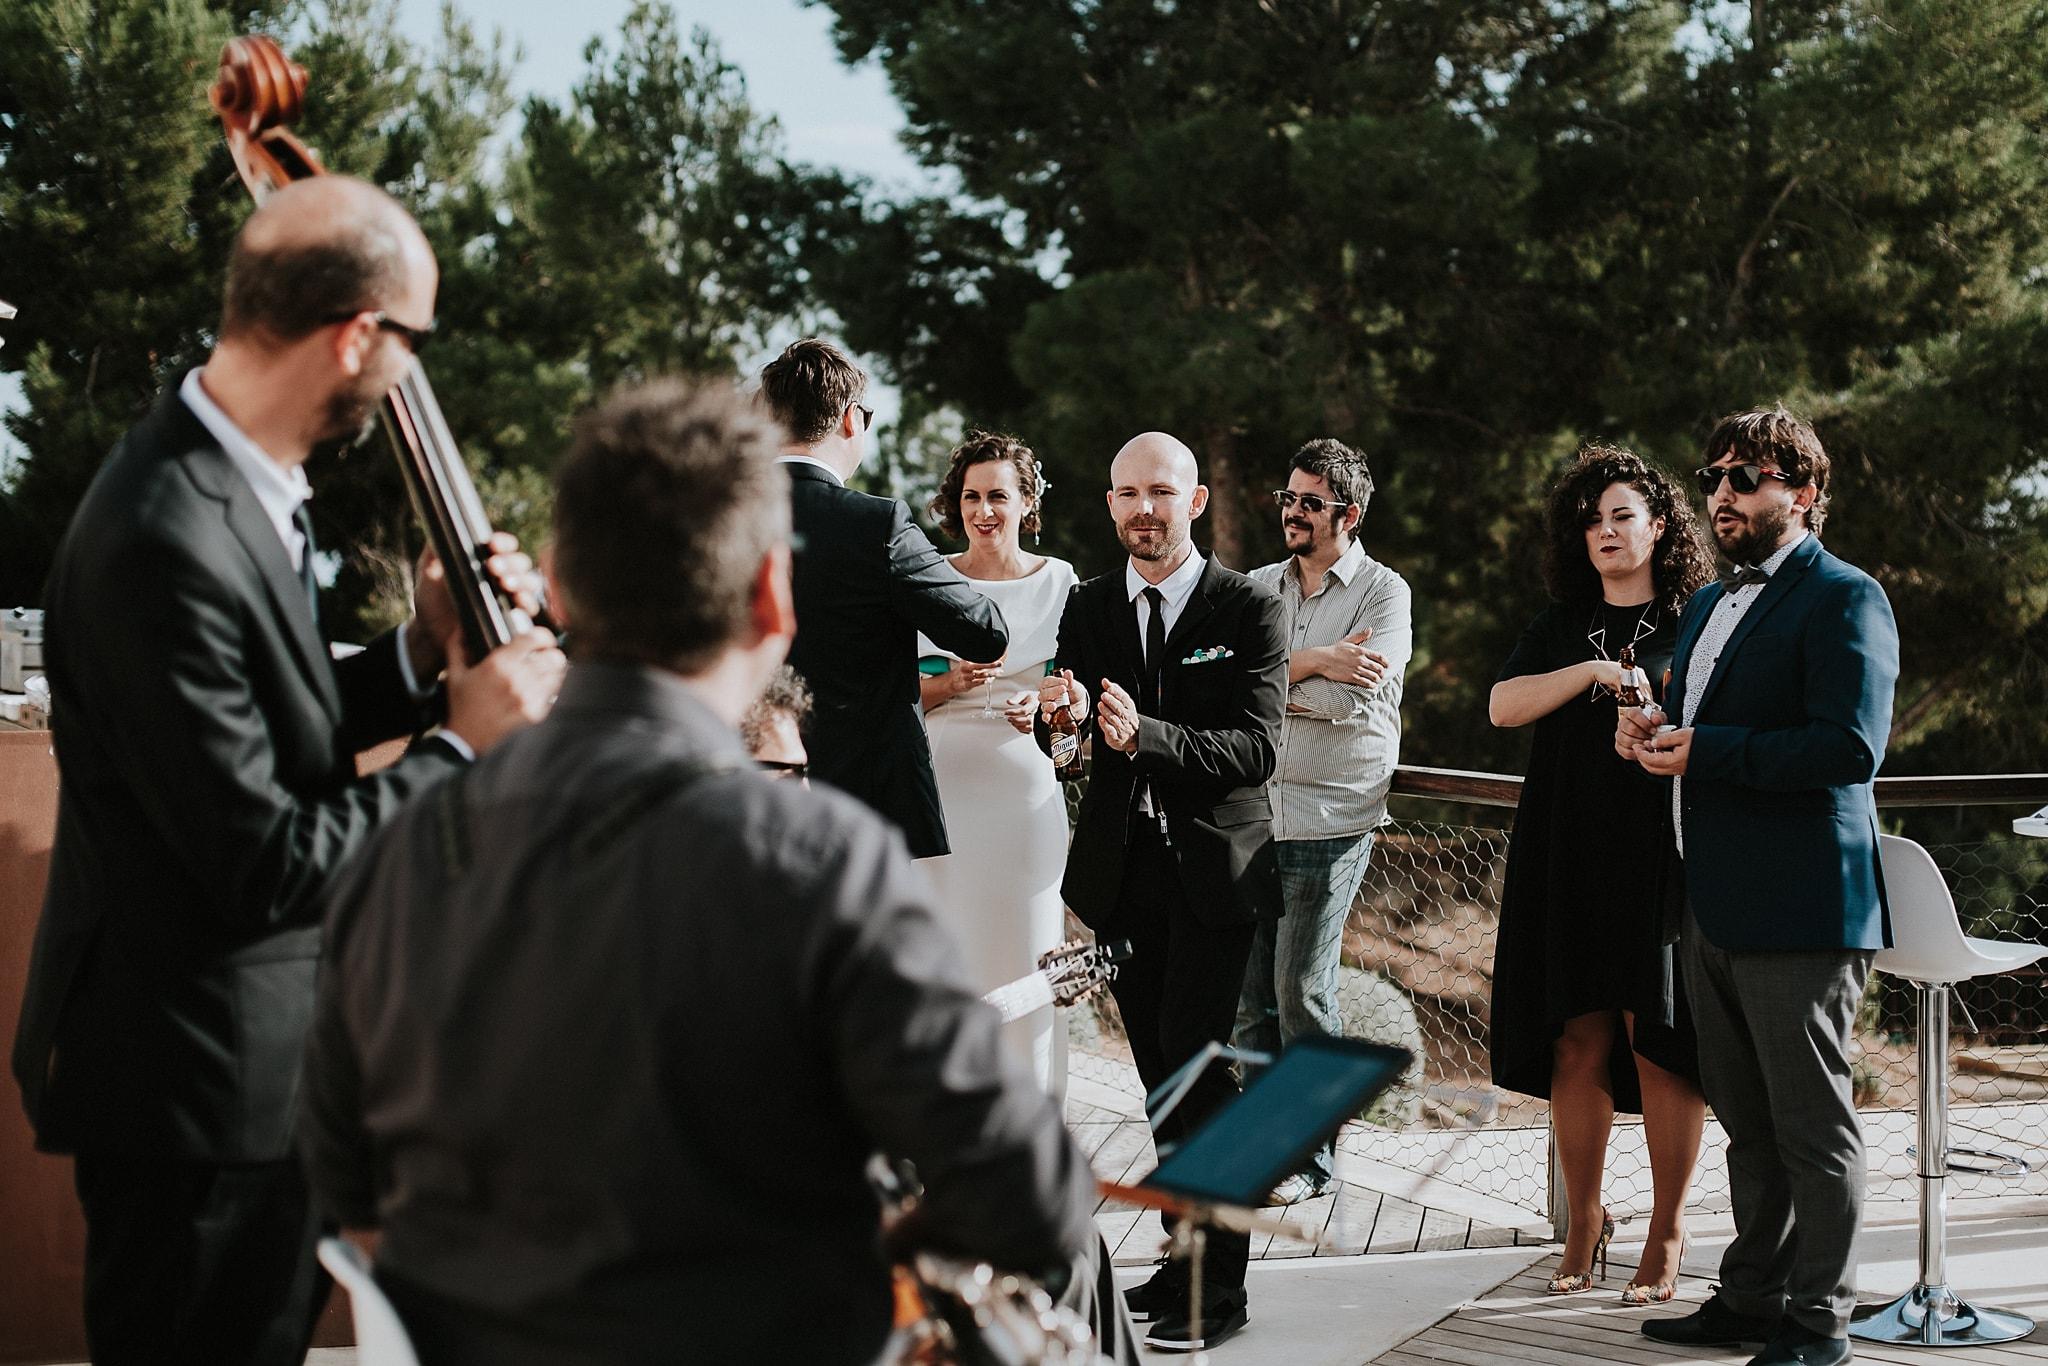 prisma-blanco-fotografia-bodas-altea-130